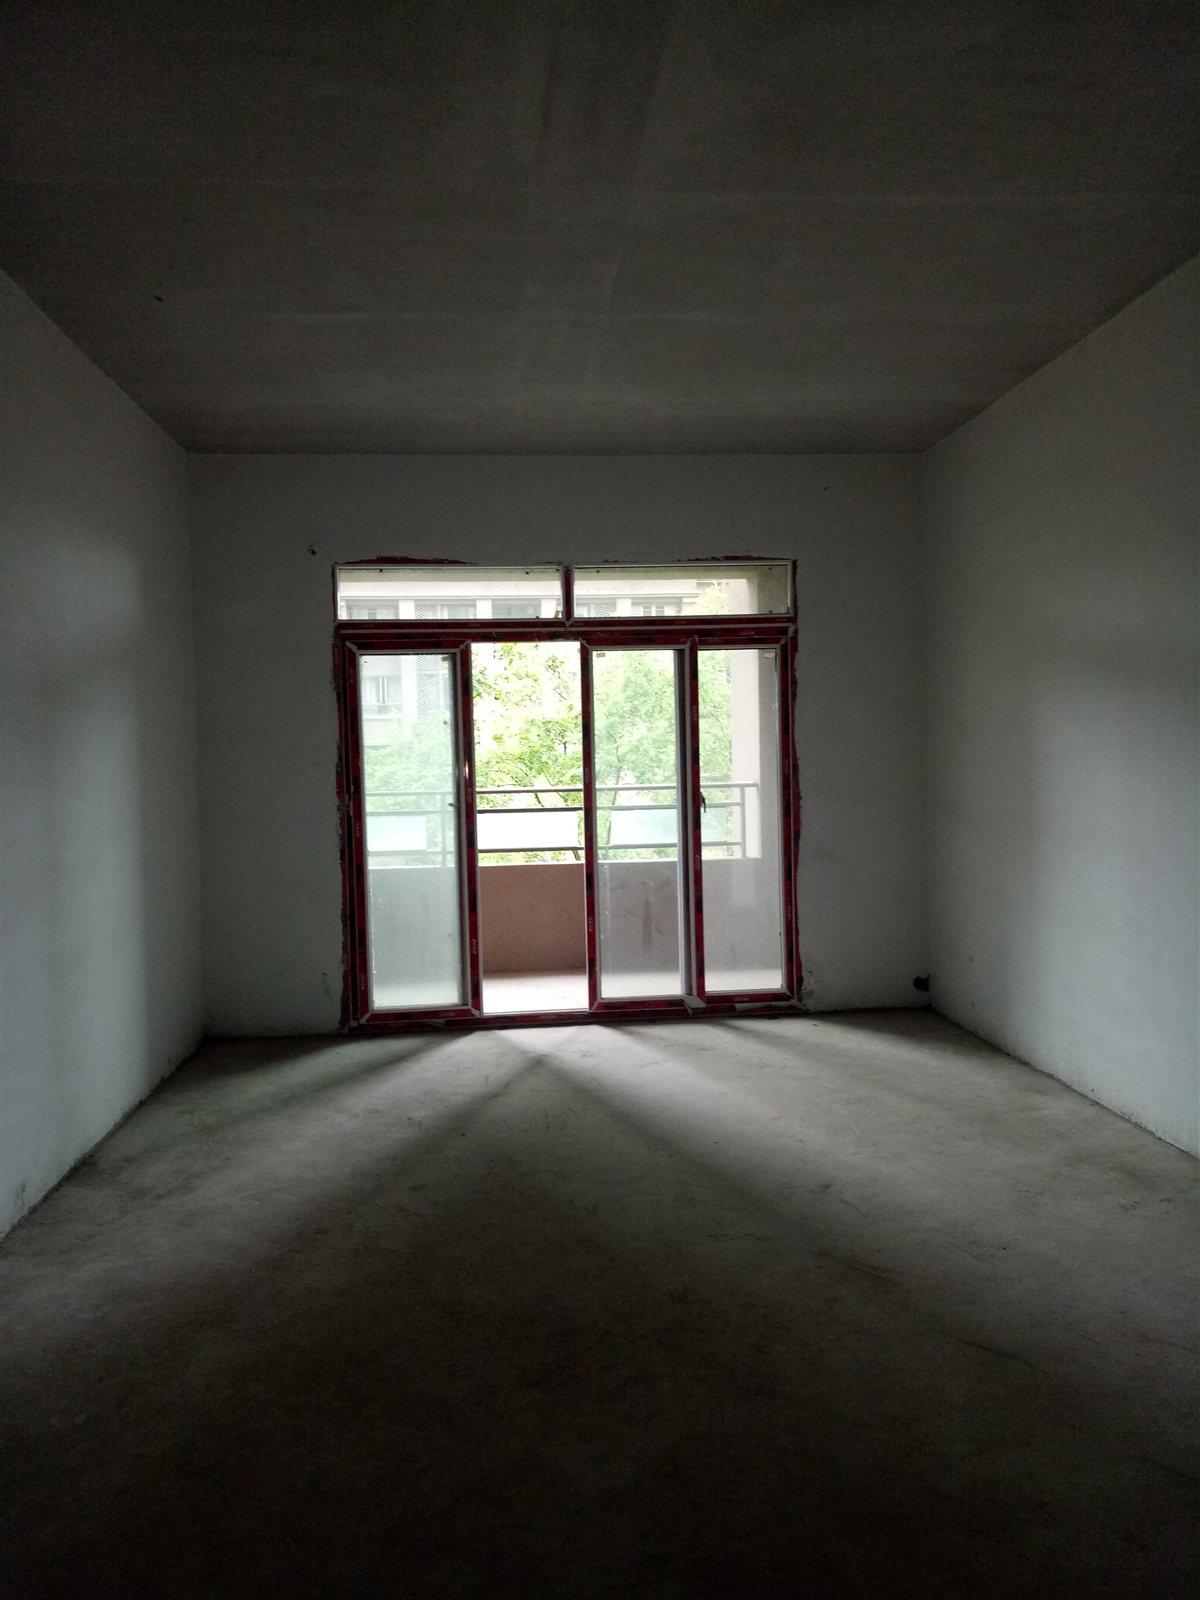 超高性价比世纪花城清水2室 2厅 1卫41万